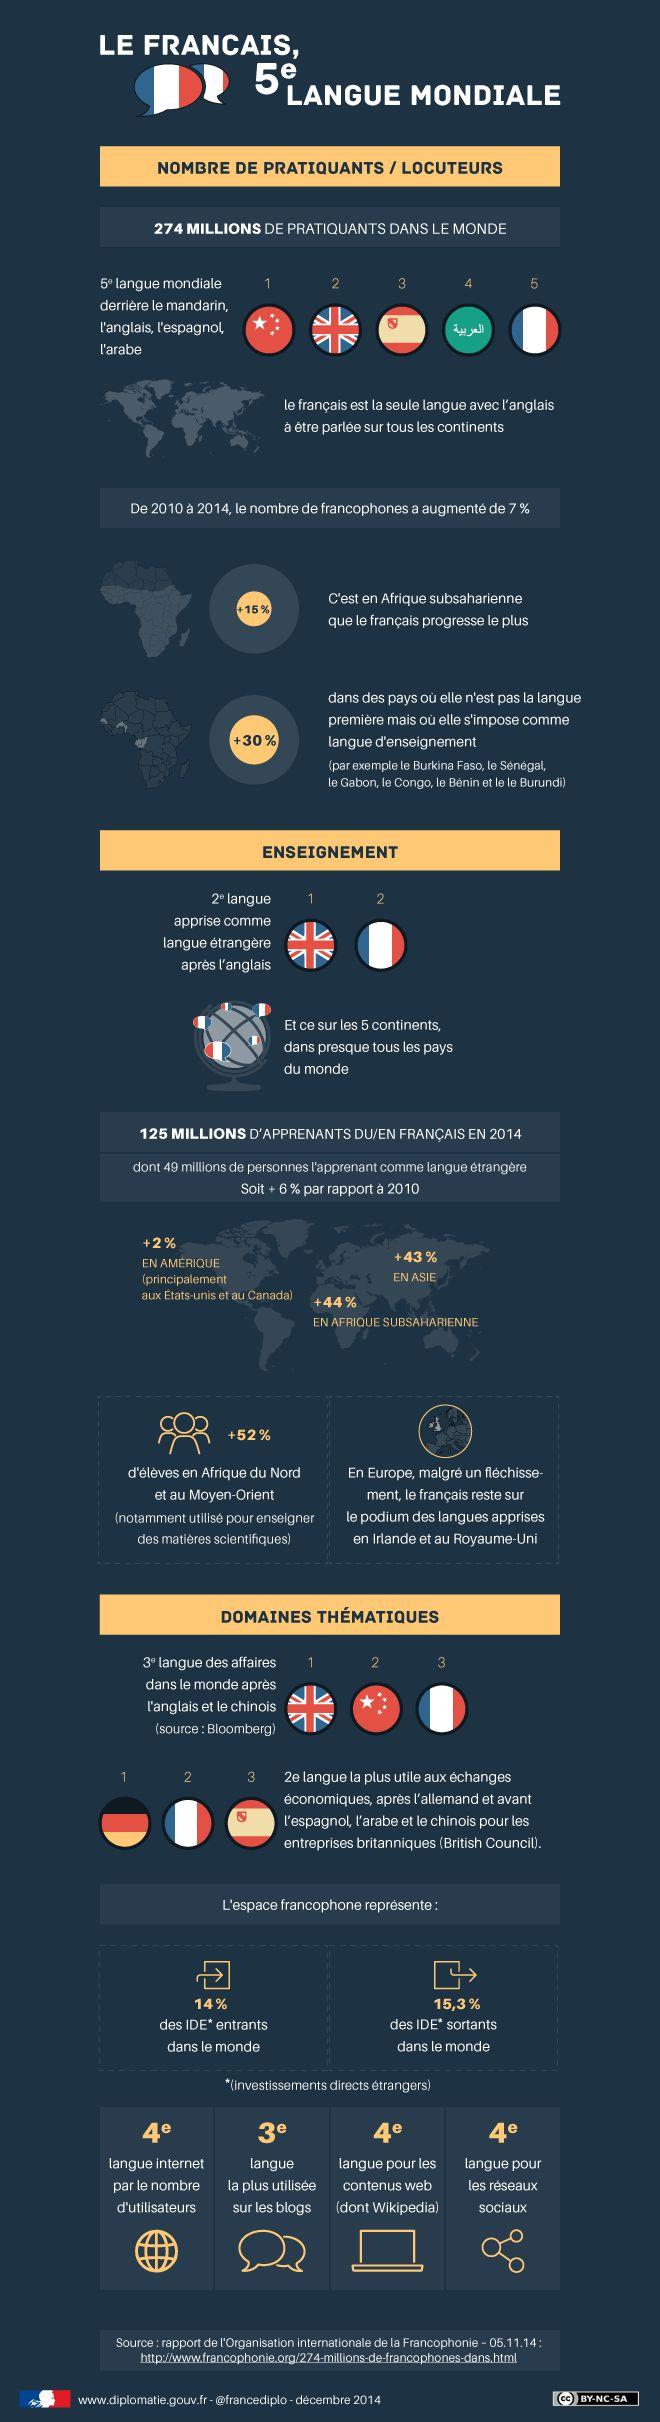 Infographie: le français, 5e langue mondiale - France-Diplomatie - Ministère des Affaires étrangères et du Développement international